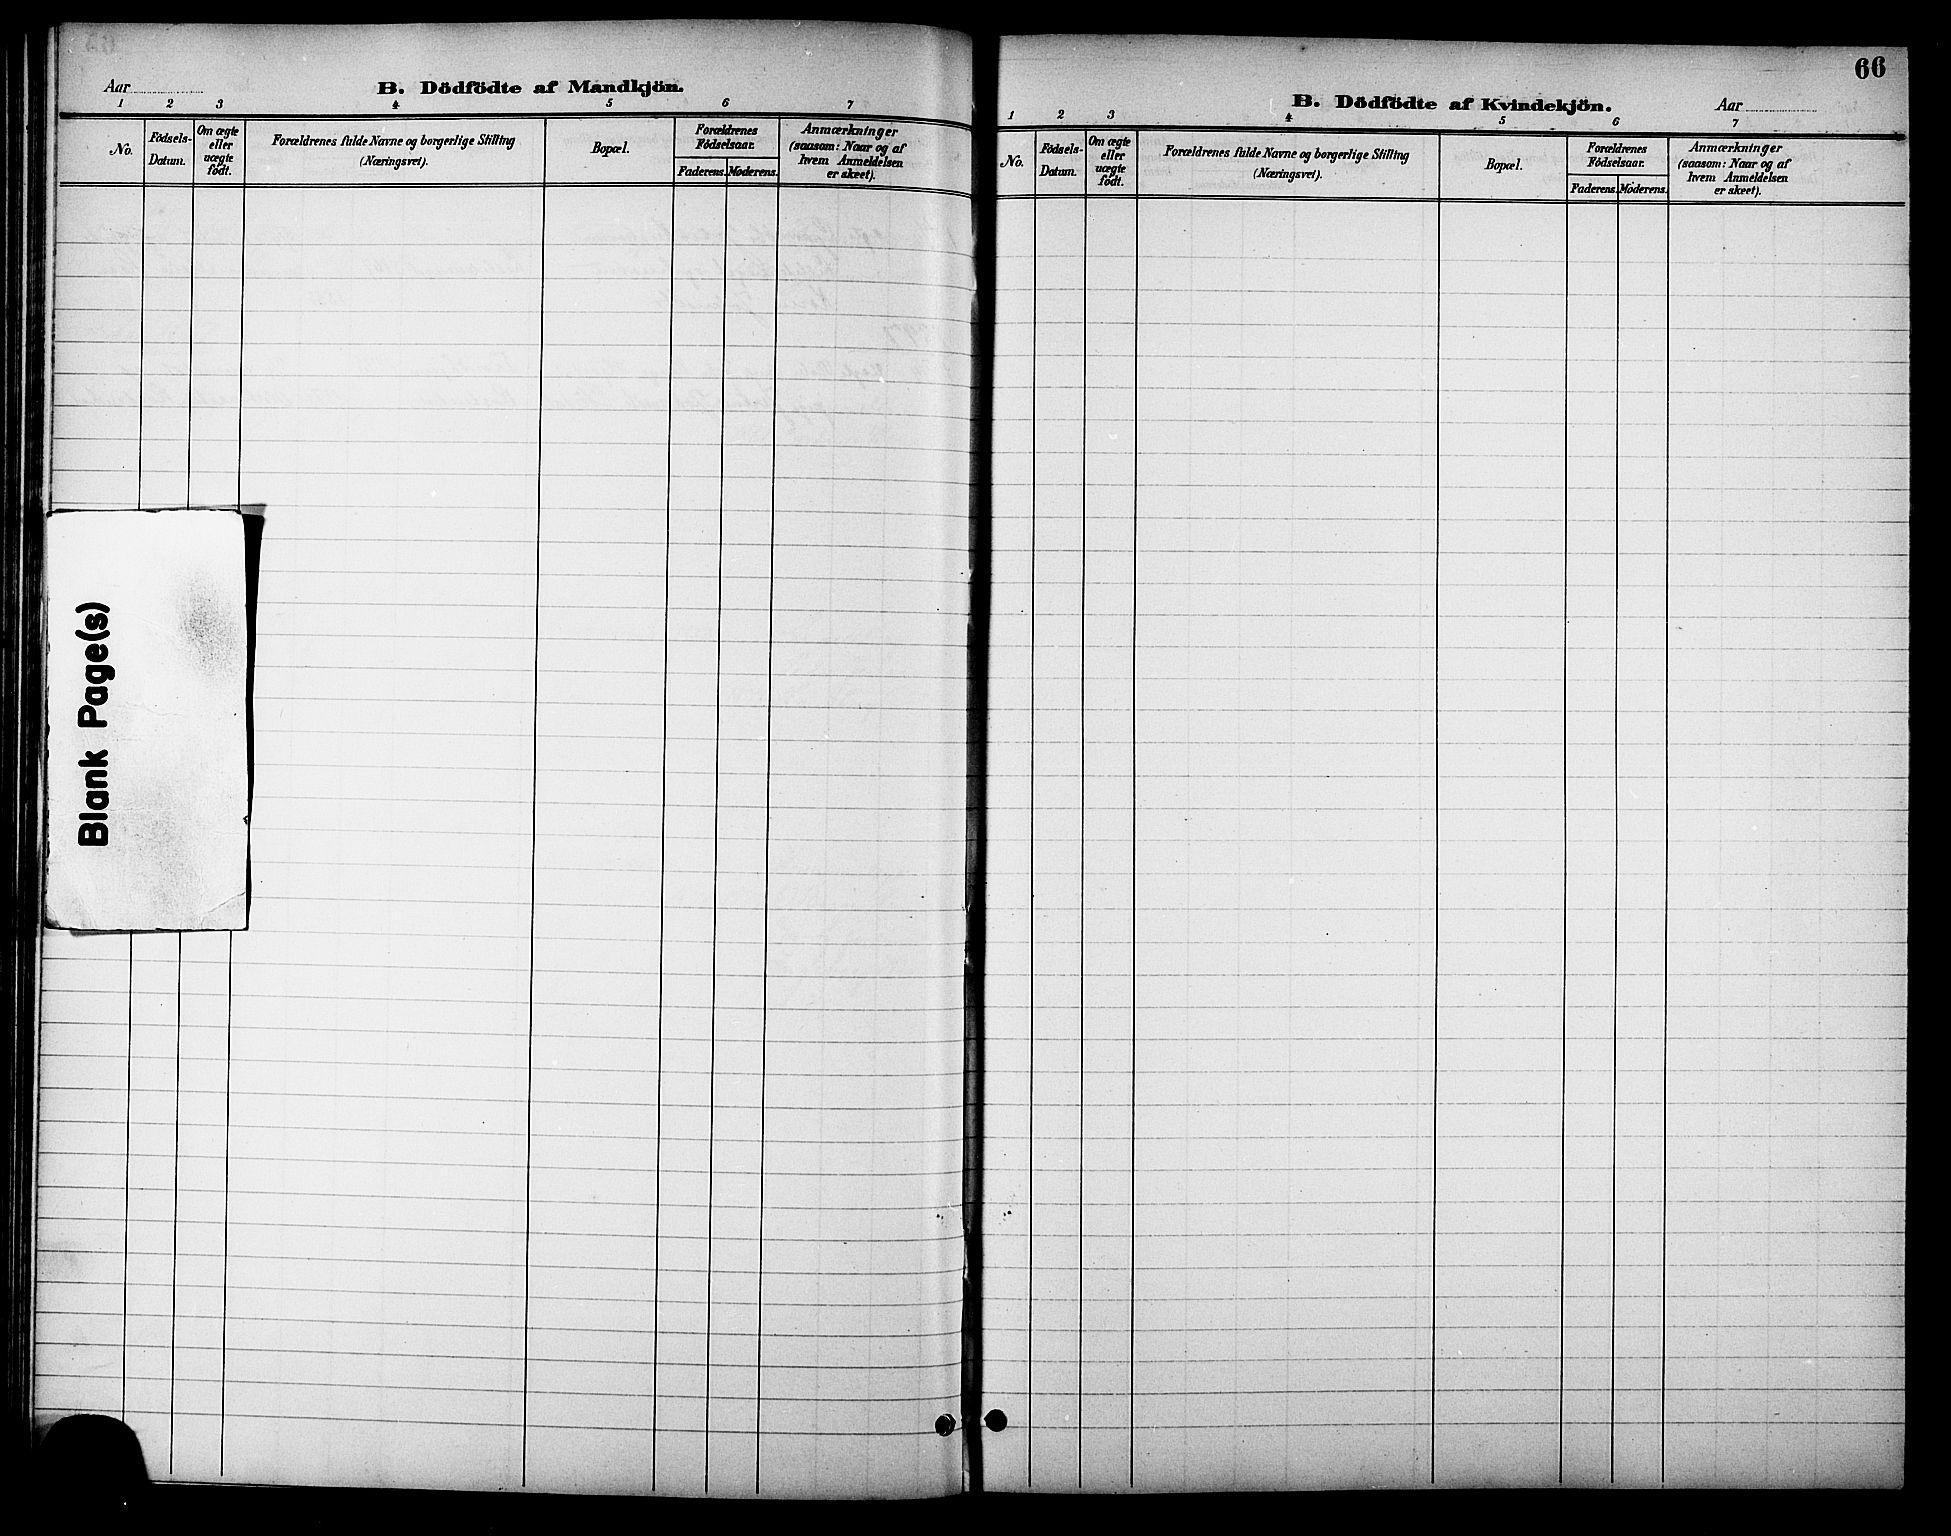 SAT, Ministerialprotokoller, klokkerbøker og fødselsregistre - Sør-Trøndelag, 621/L0460: Klokkerbok nr. 621C03, 1896-1914, s. 66